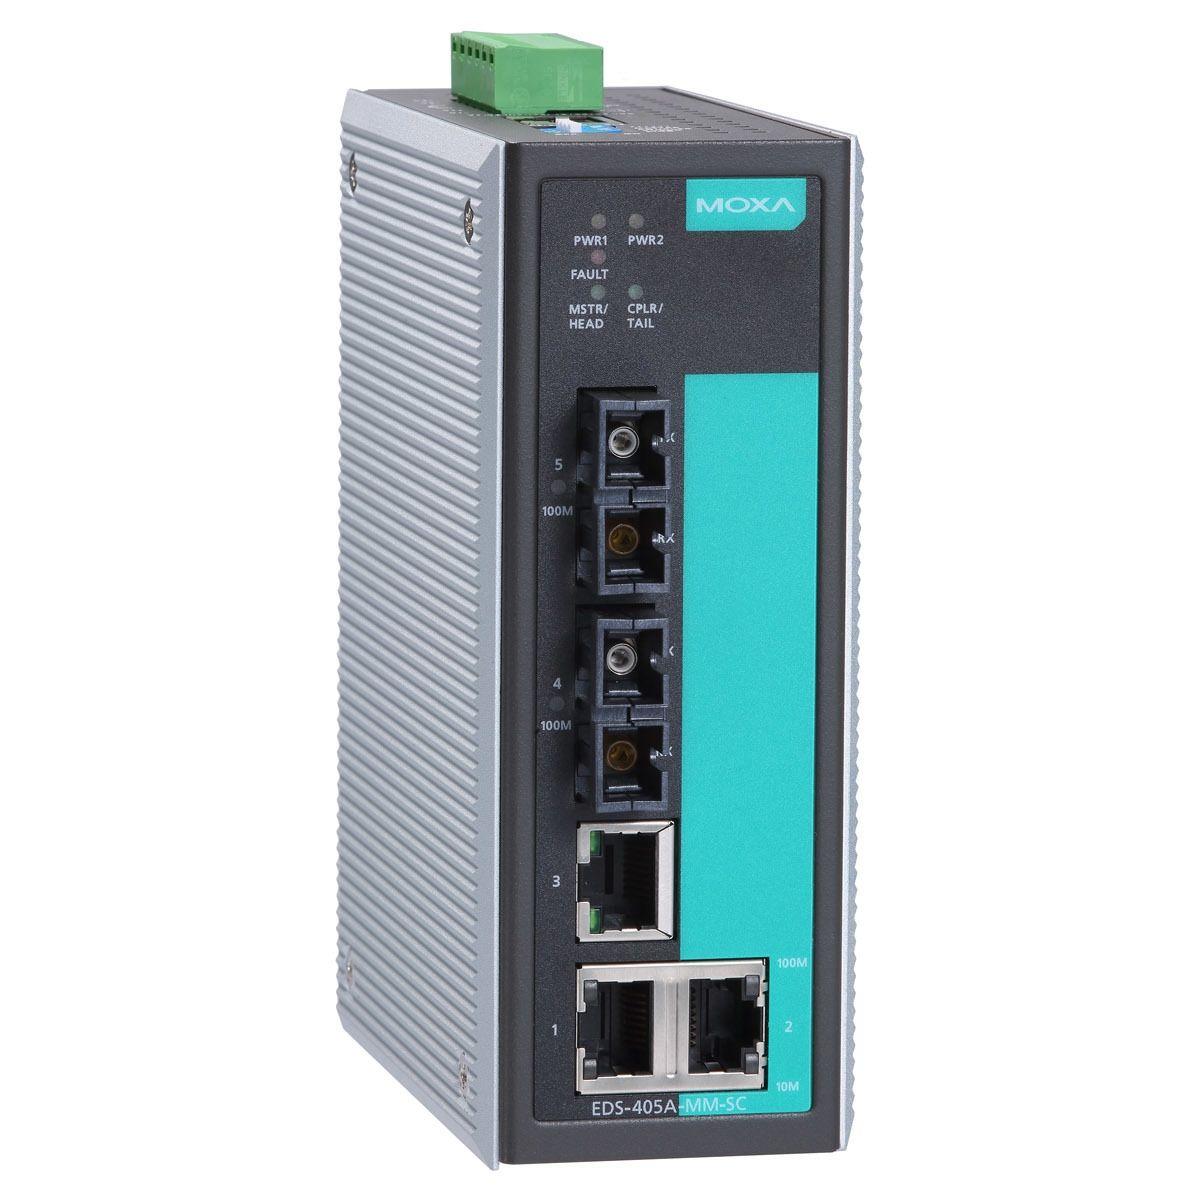 EDS-405A-EIP